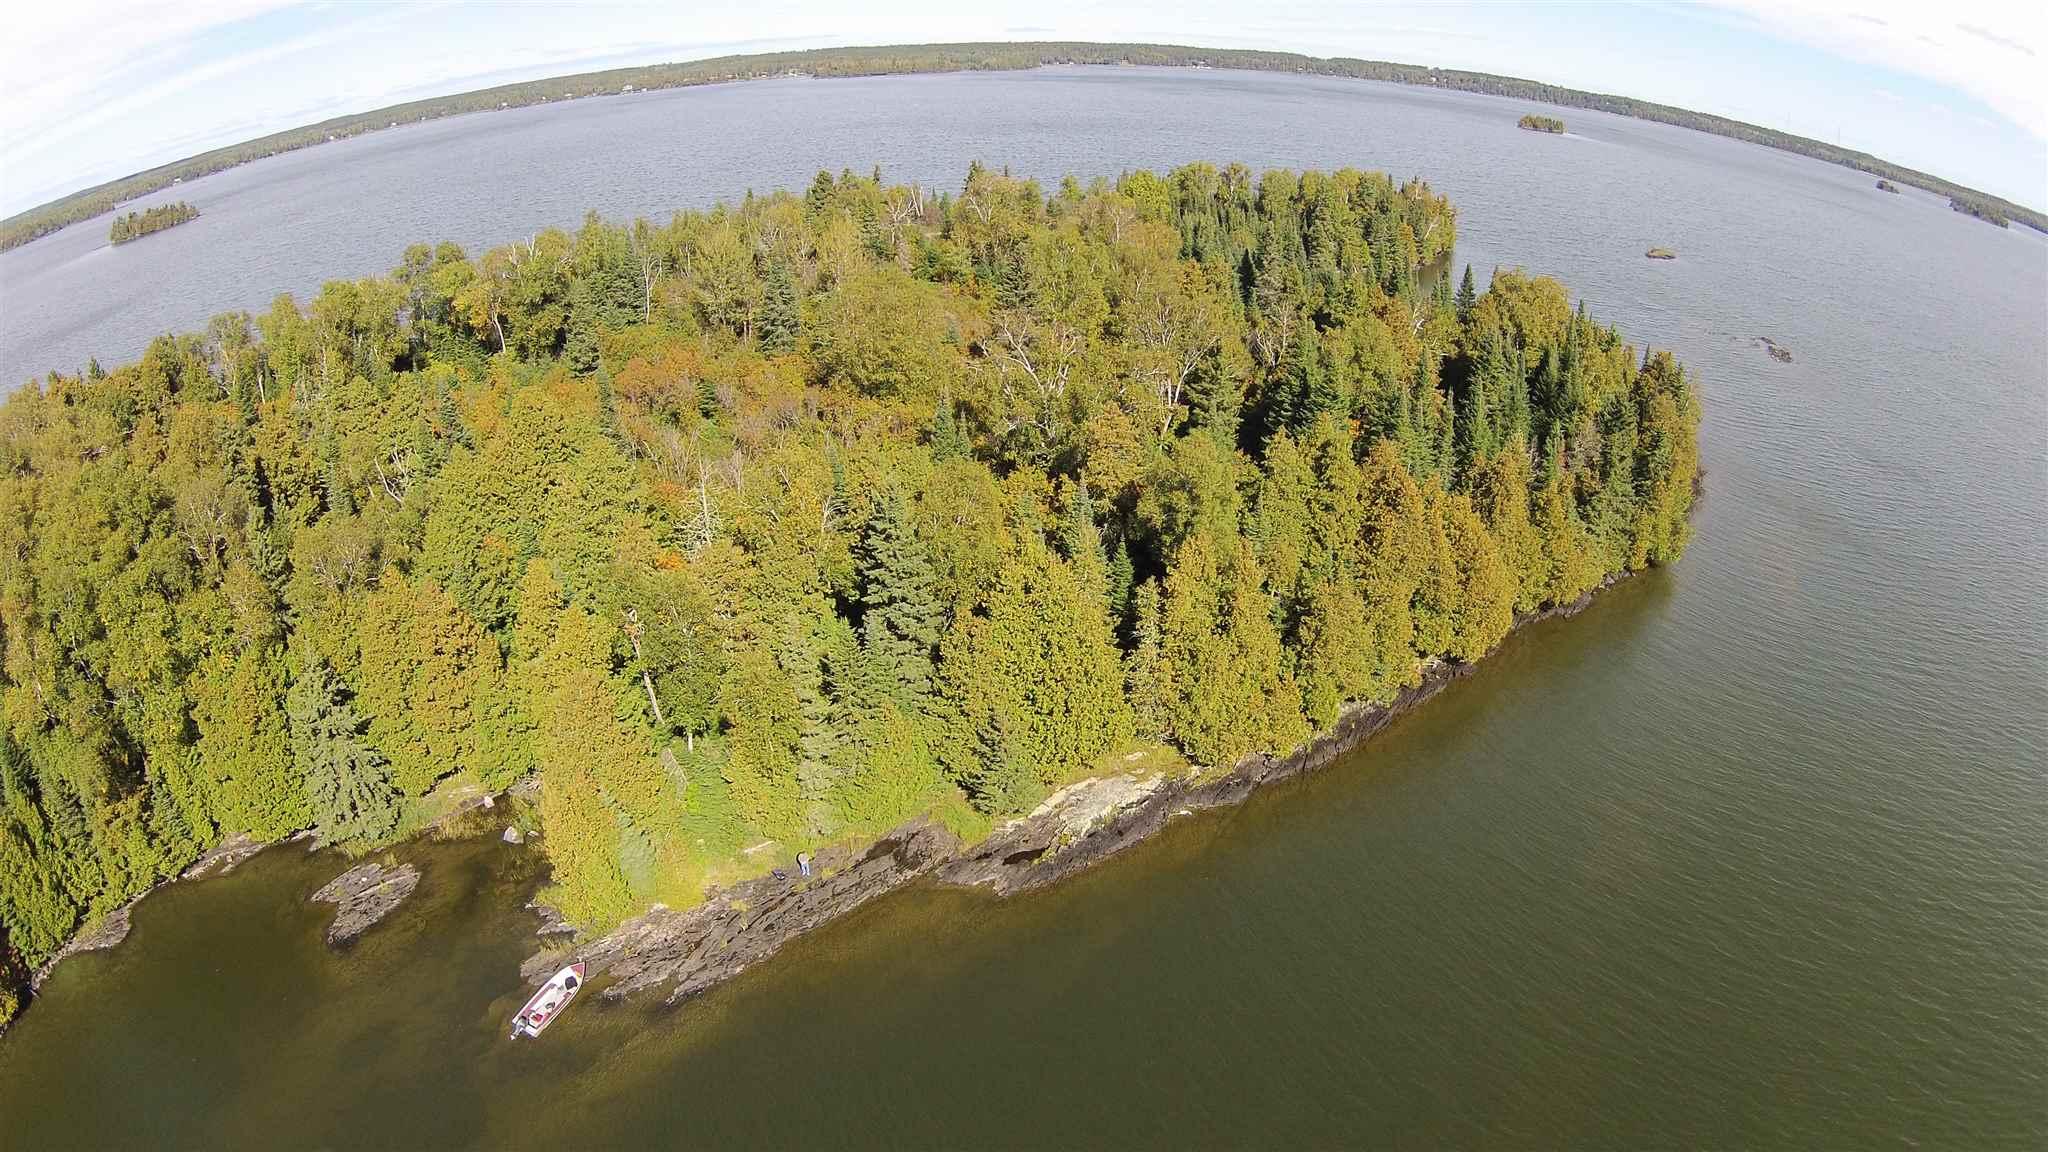 Partridge Point Eagle Lake, Machin Ontario, Canada